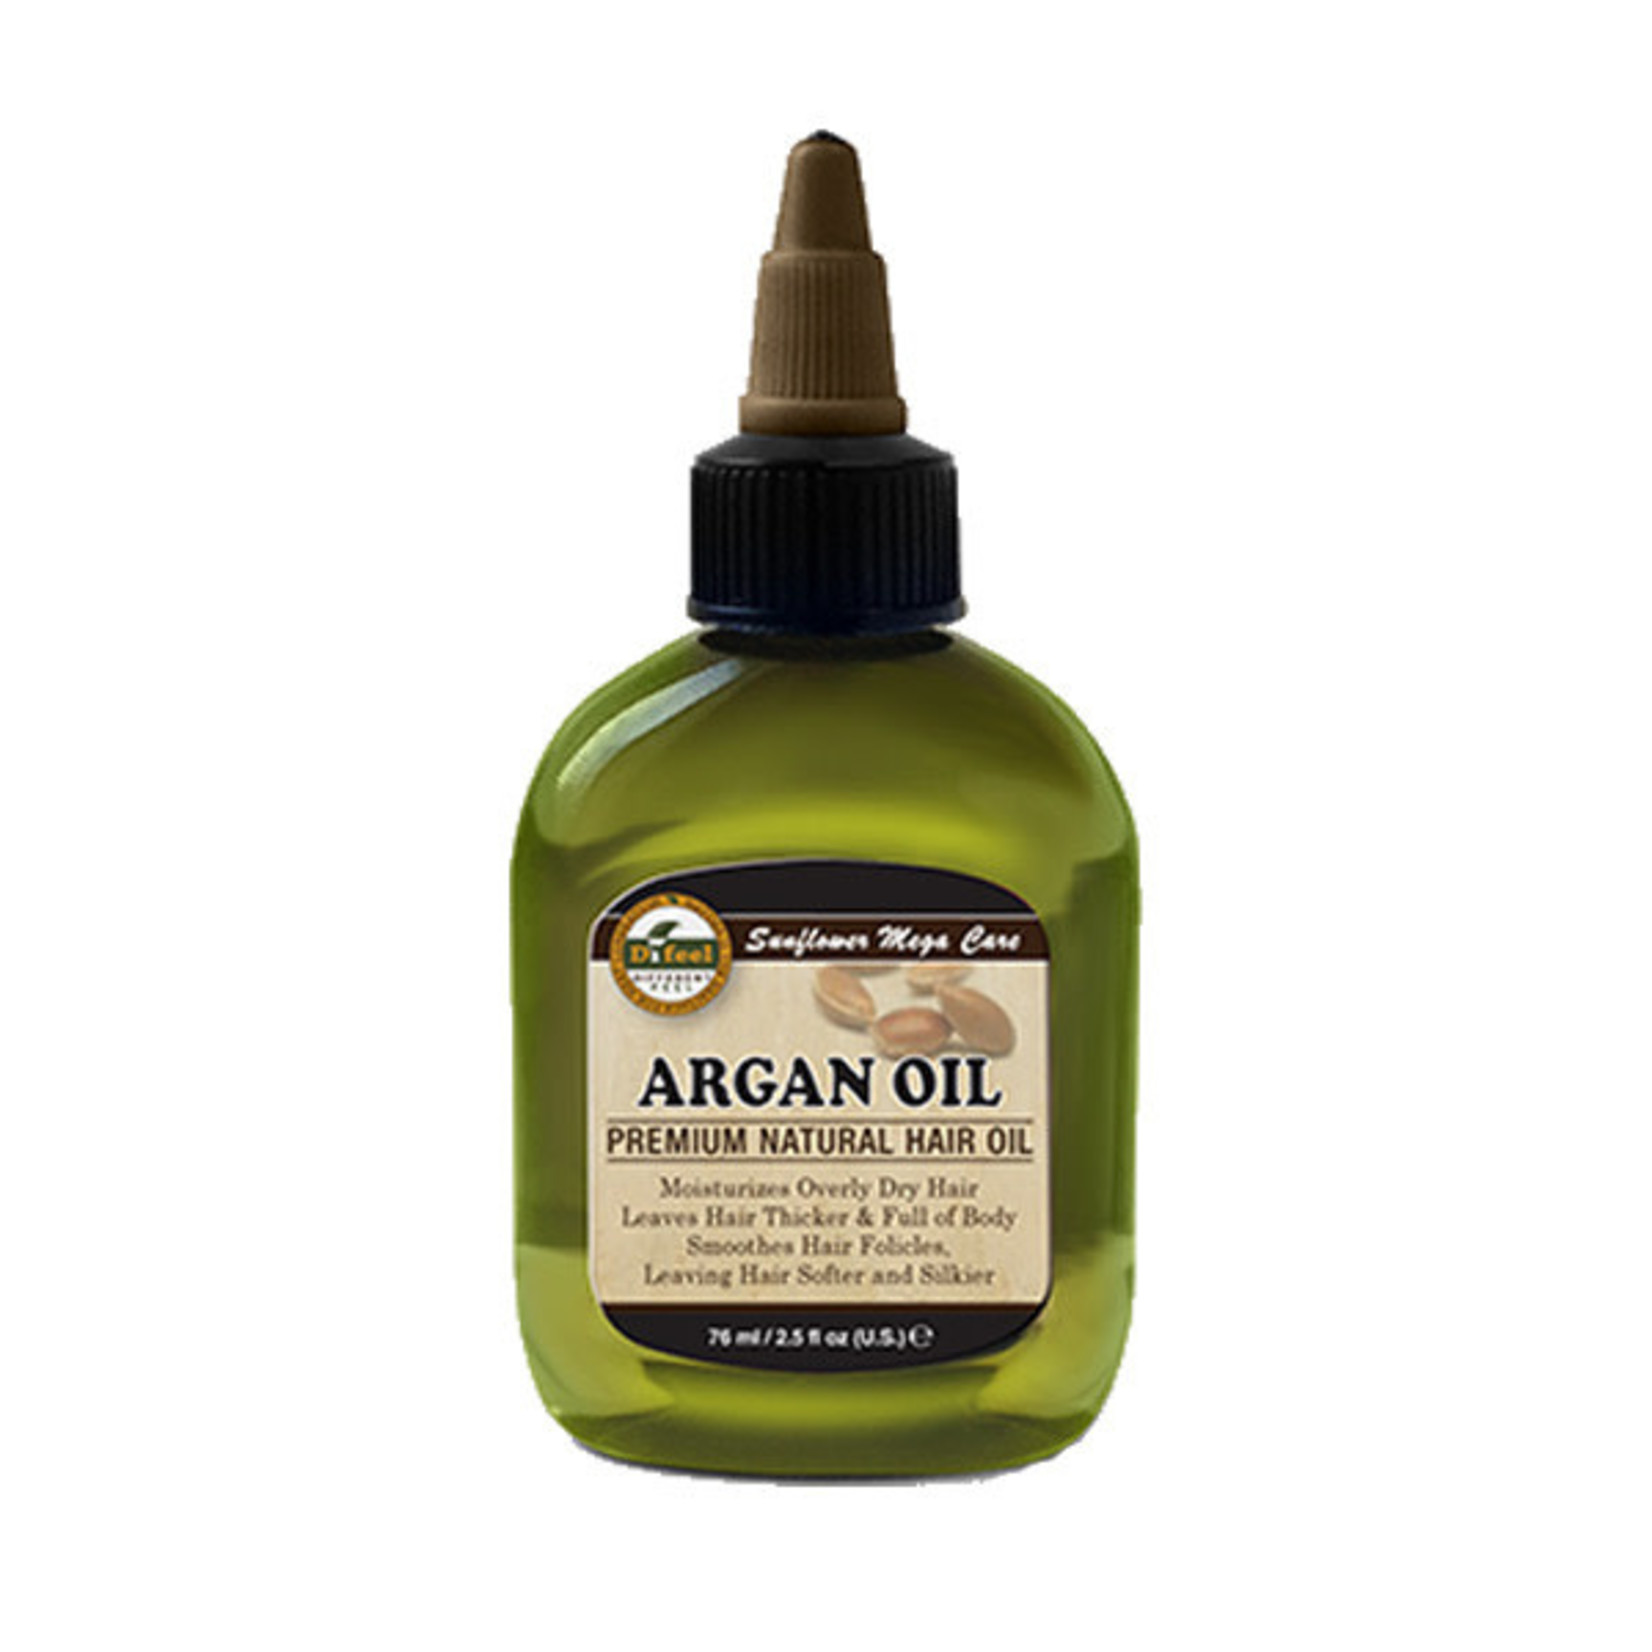 SUNFLOWER SUNFLOWER DIFEEL 99% NATURAL BLEND PREMIUM HAIR OIL [2.5OZ] - ARGAN OIL